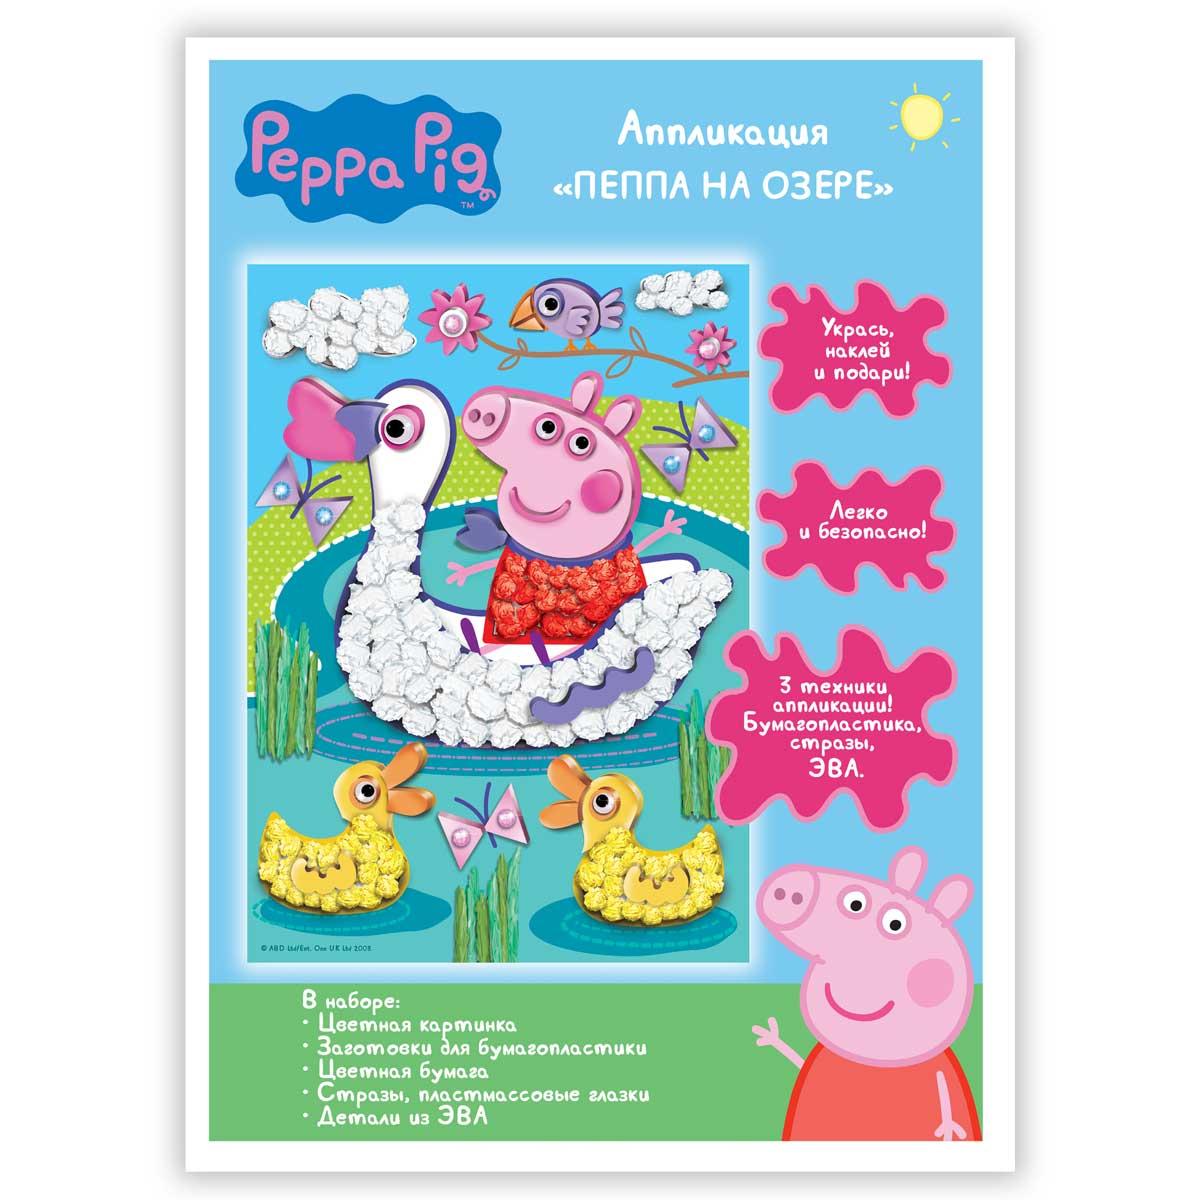 Аппликация 3 в 1 из бумагопластики, ЭВА и страз - Пеппа на озере, из серии Свинка ПеппаСвинка Пеппа Peppa Pig<br>Аппликация 3 в 1 из бумагопластики, ЭВА и страз - Пеппа на озере, из серии Свинка Пеппа<br>